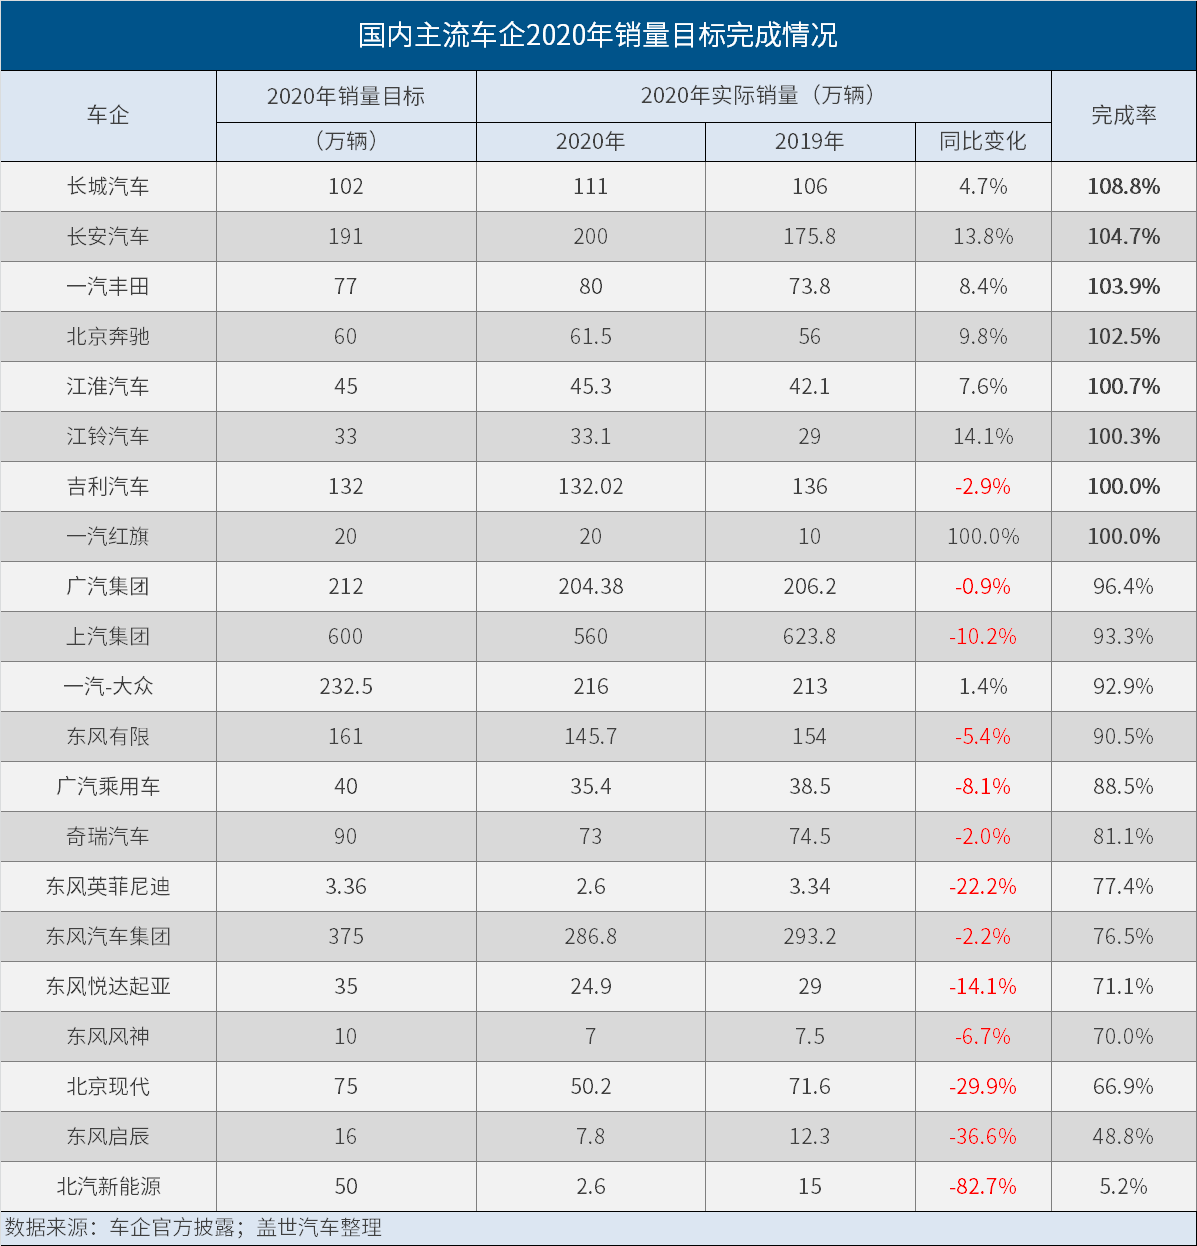 2020主流车企销量目标完成率:长城、长安等超额完成,最低仅5.2%